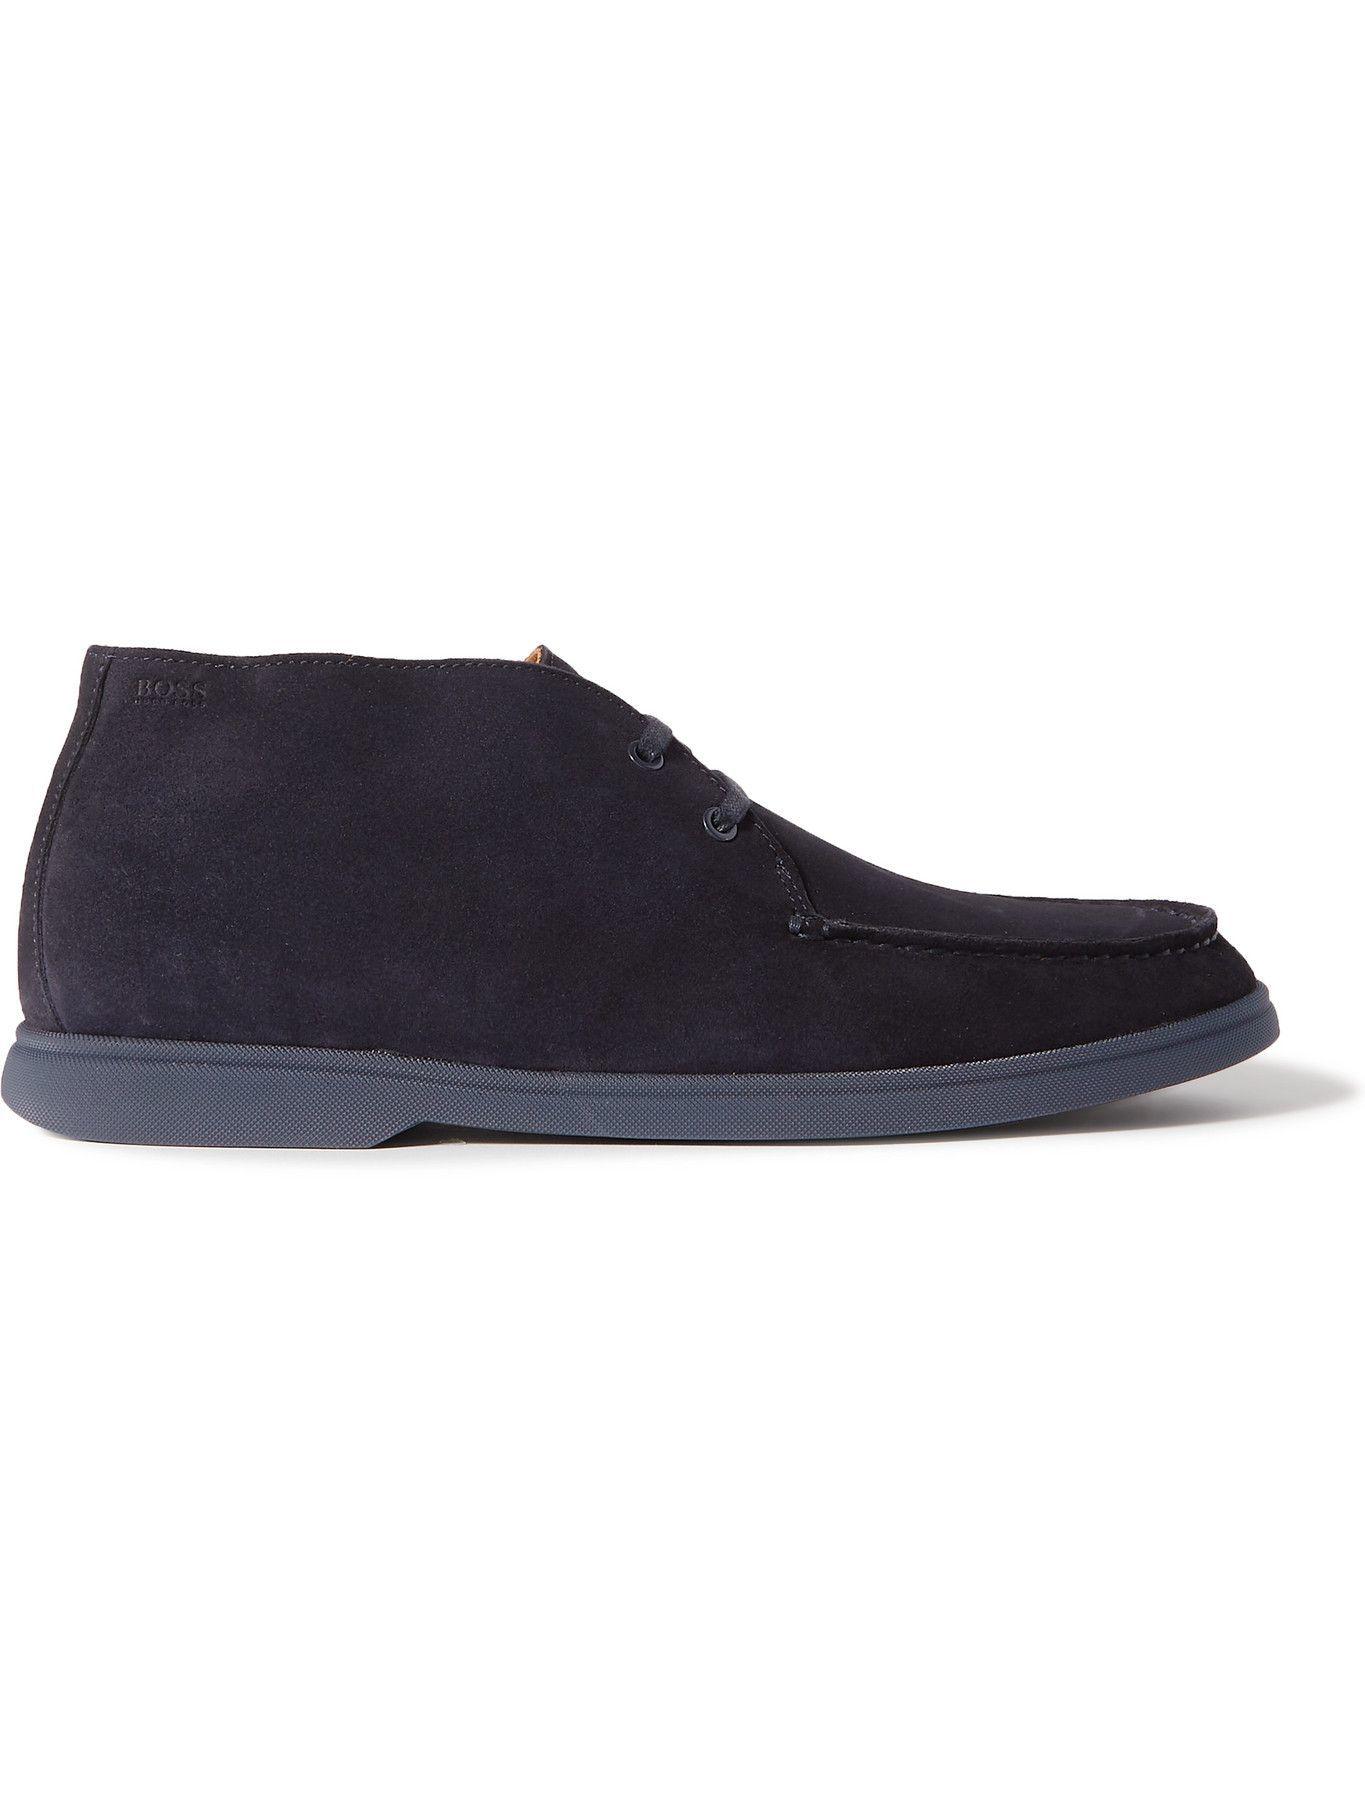 HUGO BOSS - Suede Desert Boots - Blue